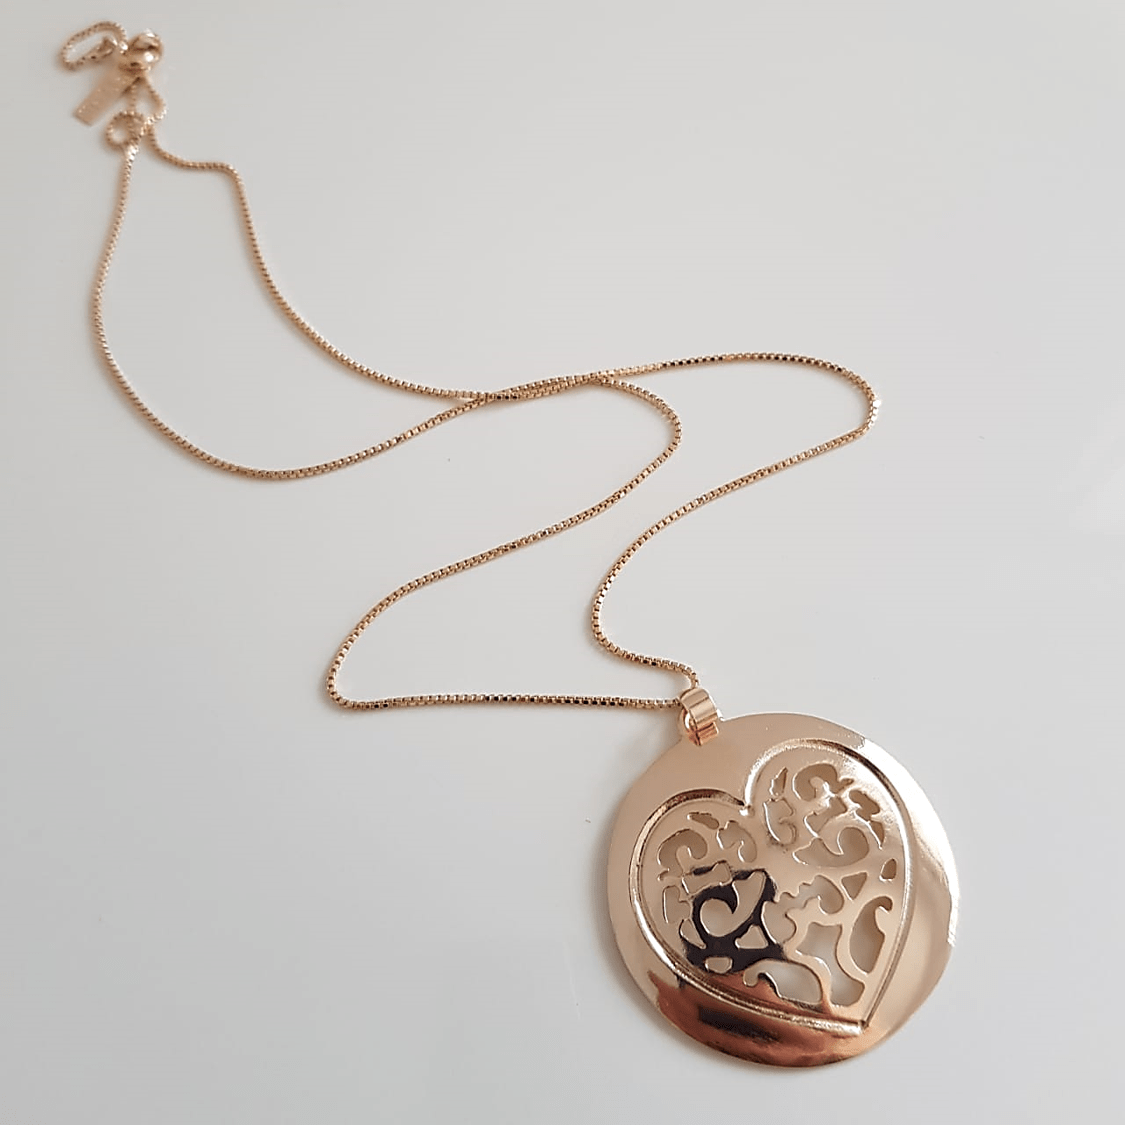 Colar curto com pingente medalha com desenho coração vazado